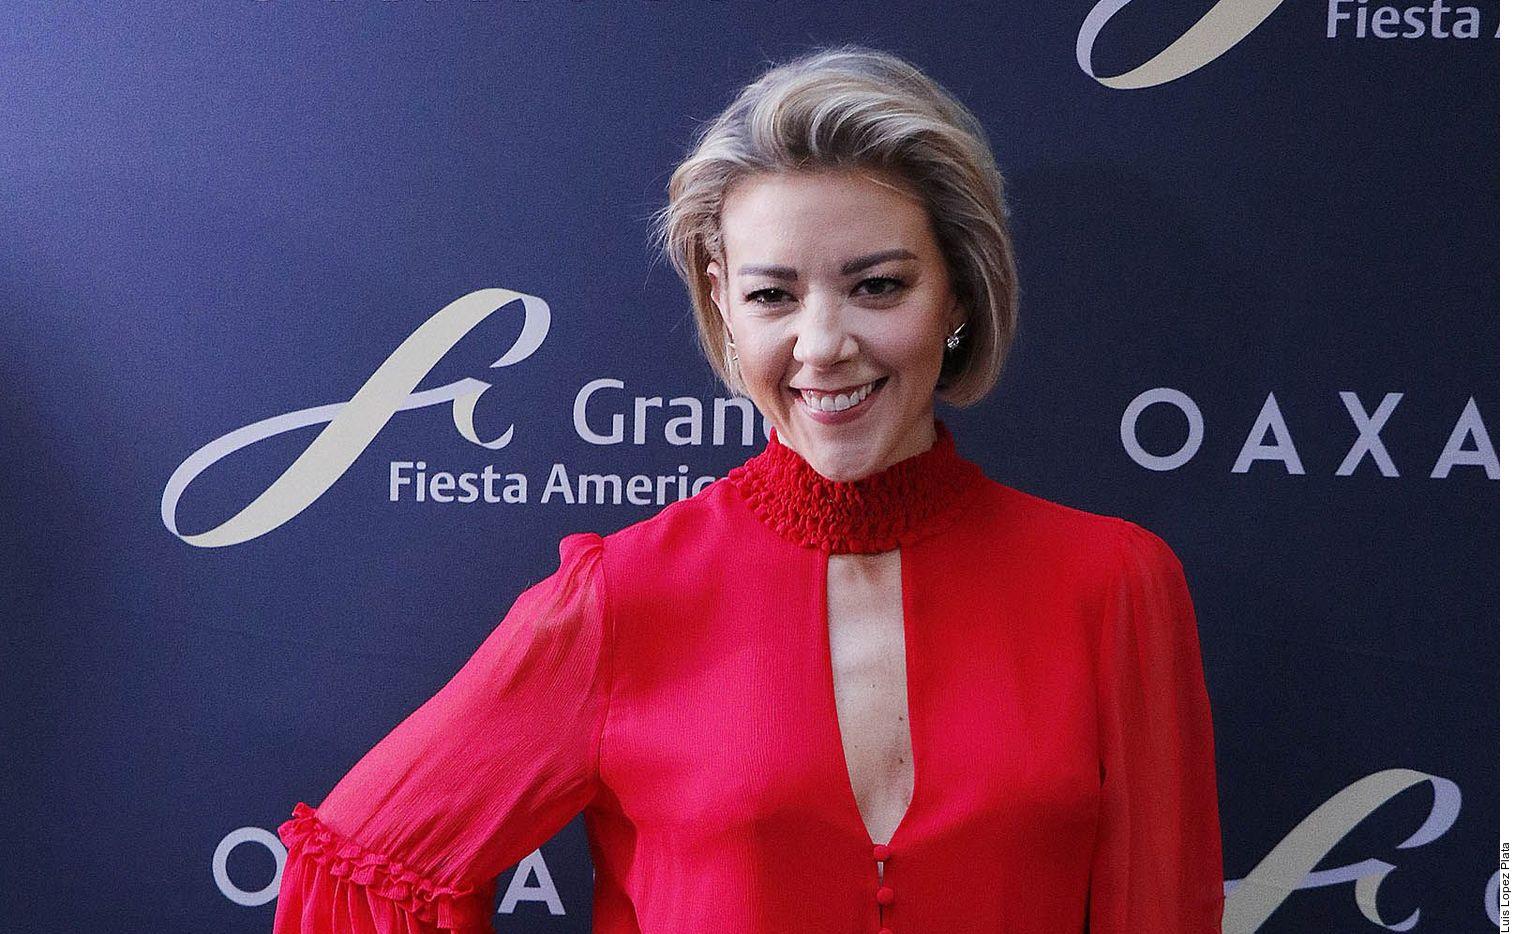 Fernanda Castillo está internada en un nosocomio de la capital mexicana, de acuerdo con diversos medios.